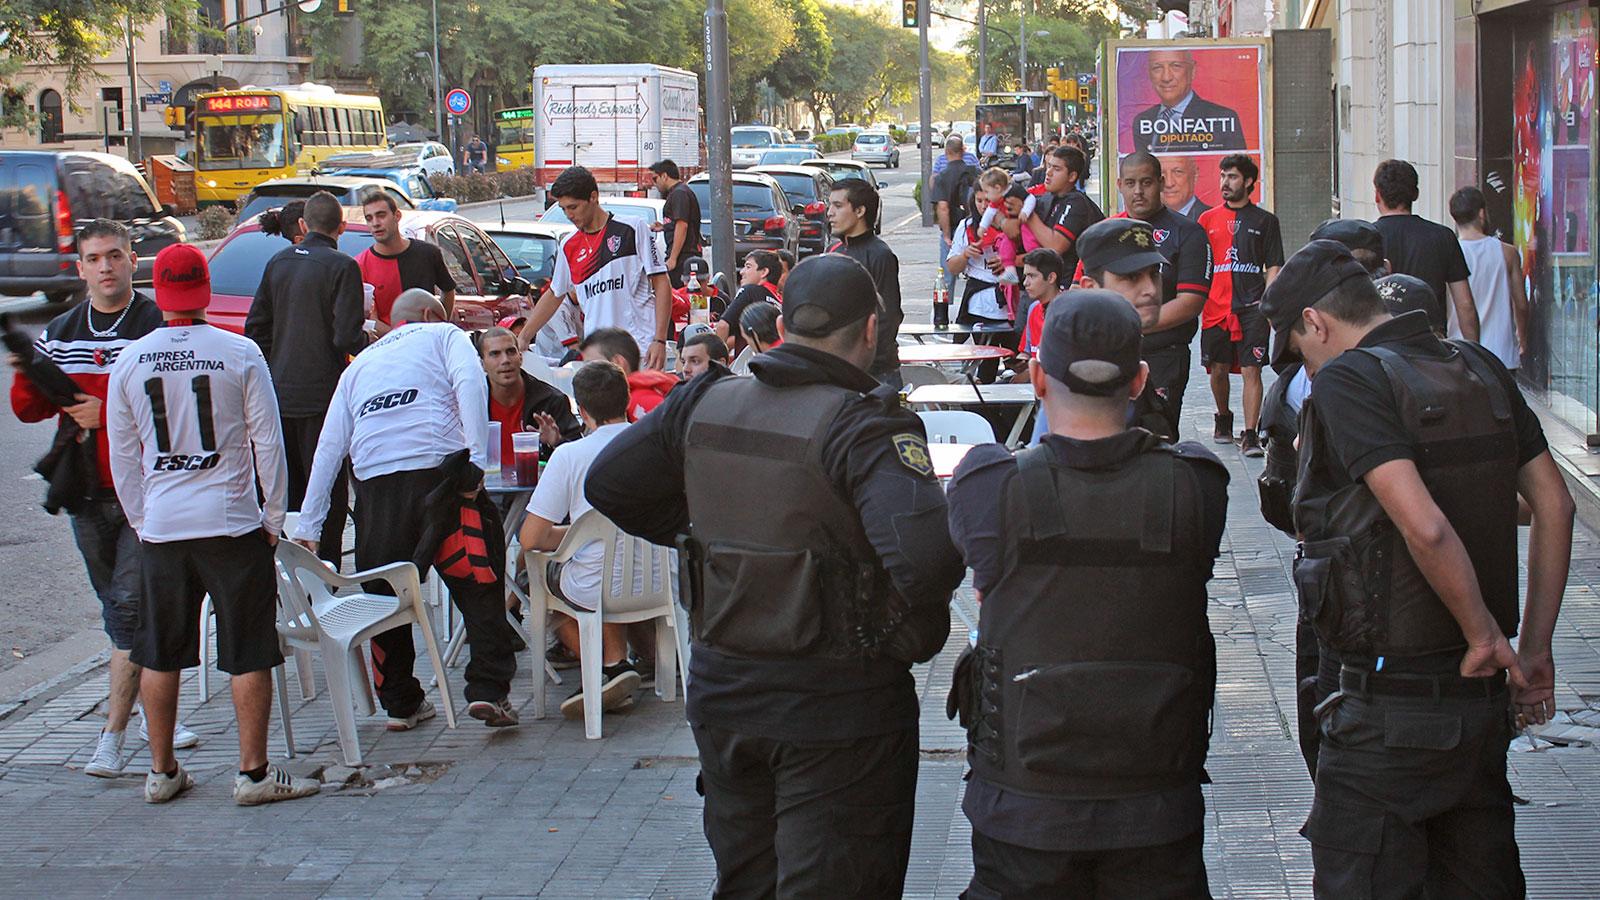 Los hinchas se fueron pacificamente ante la extraña orden policial